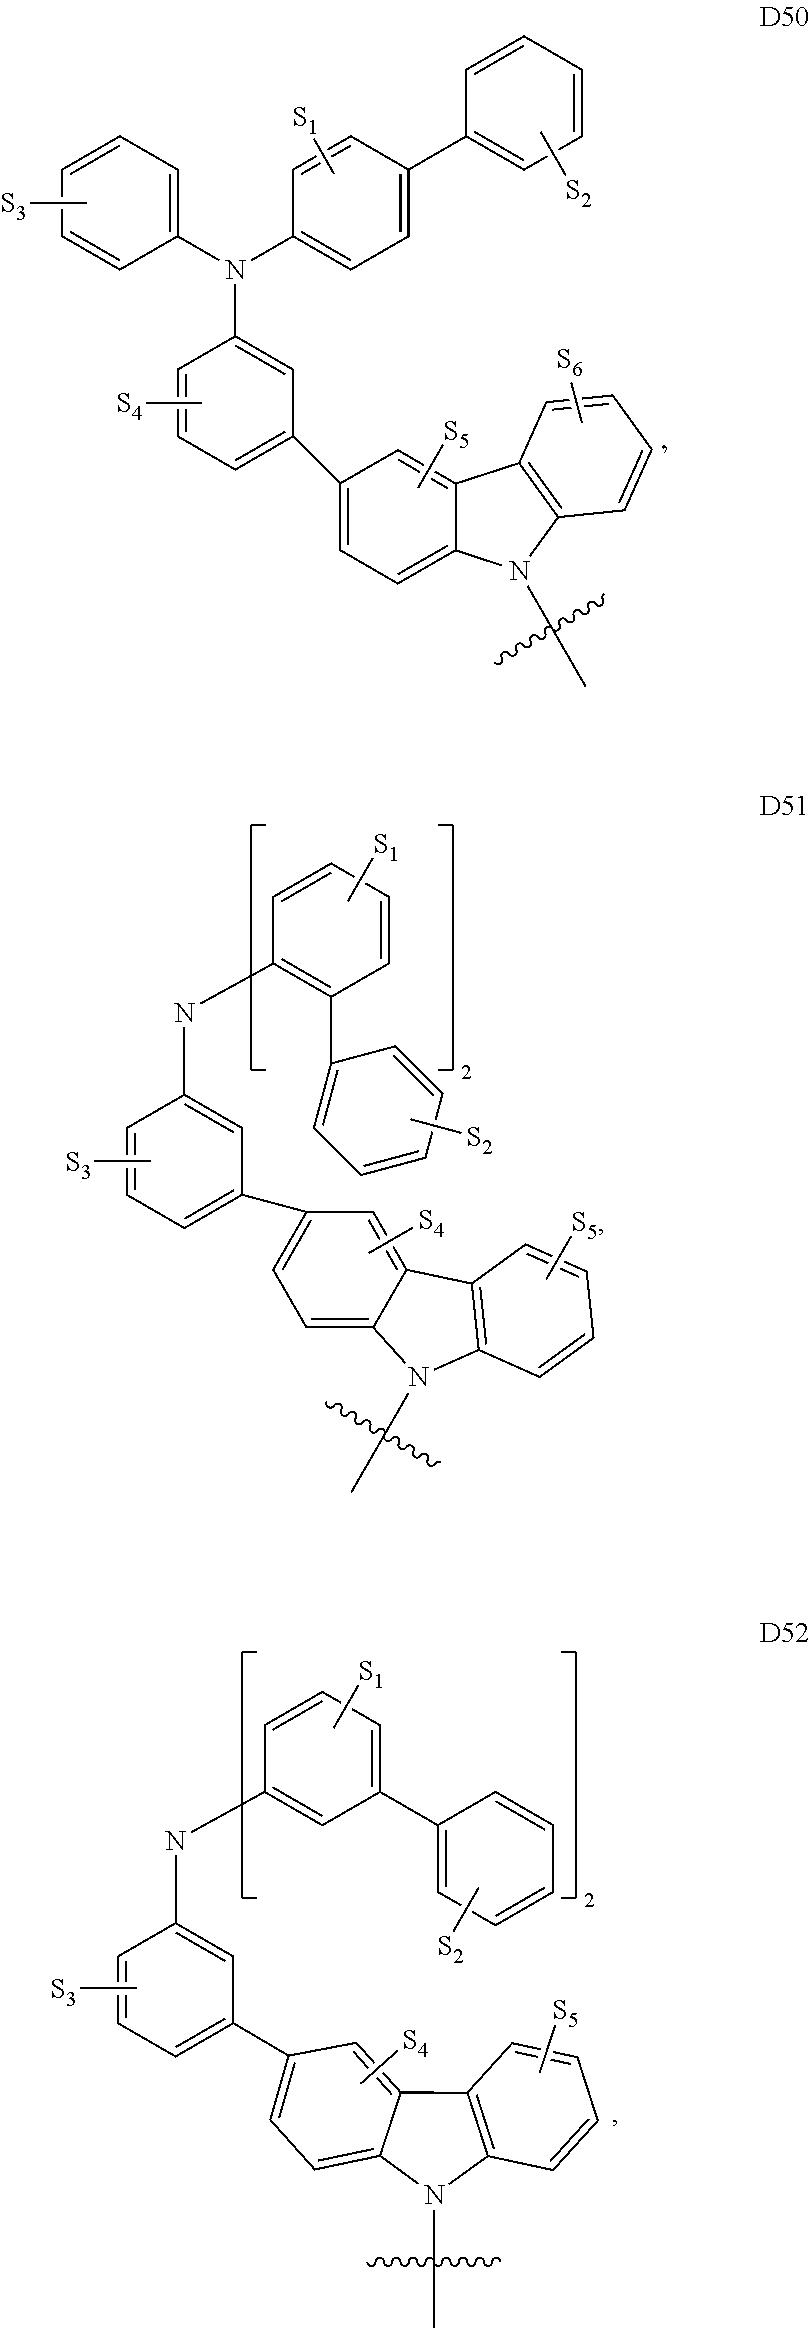 Figure US09537106-20170103-C00024